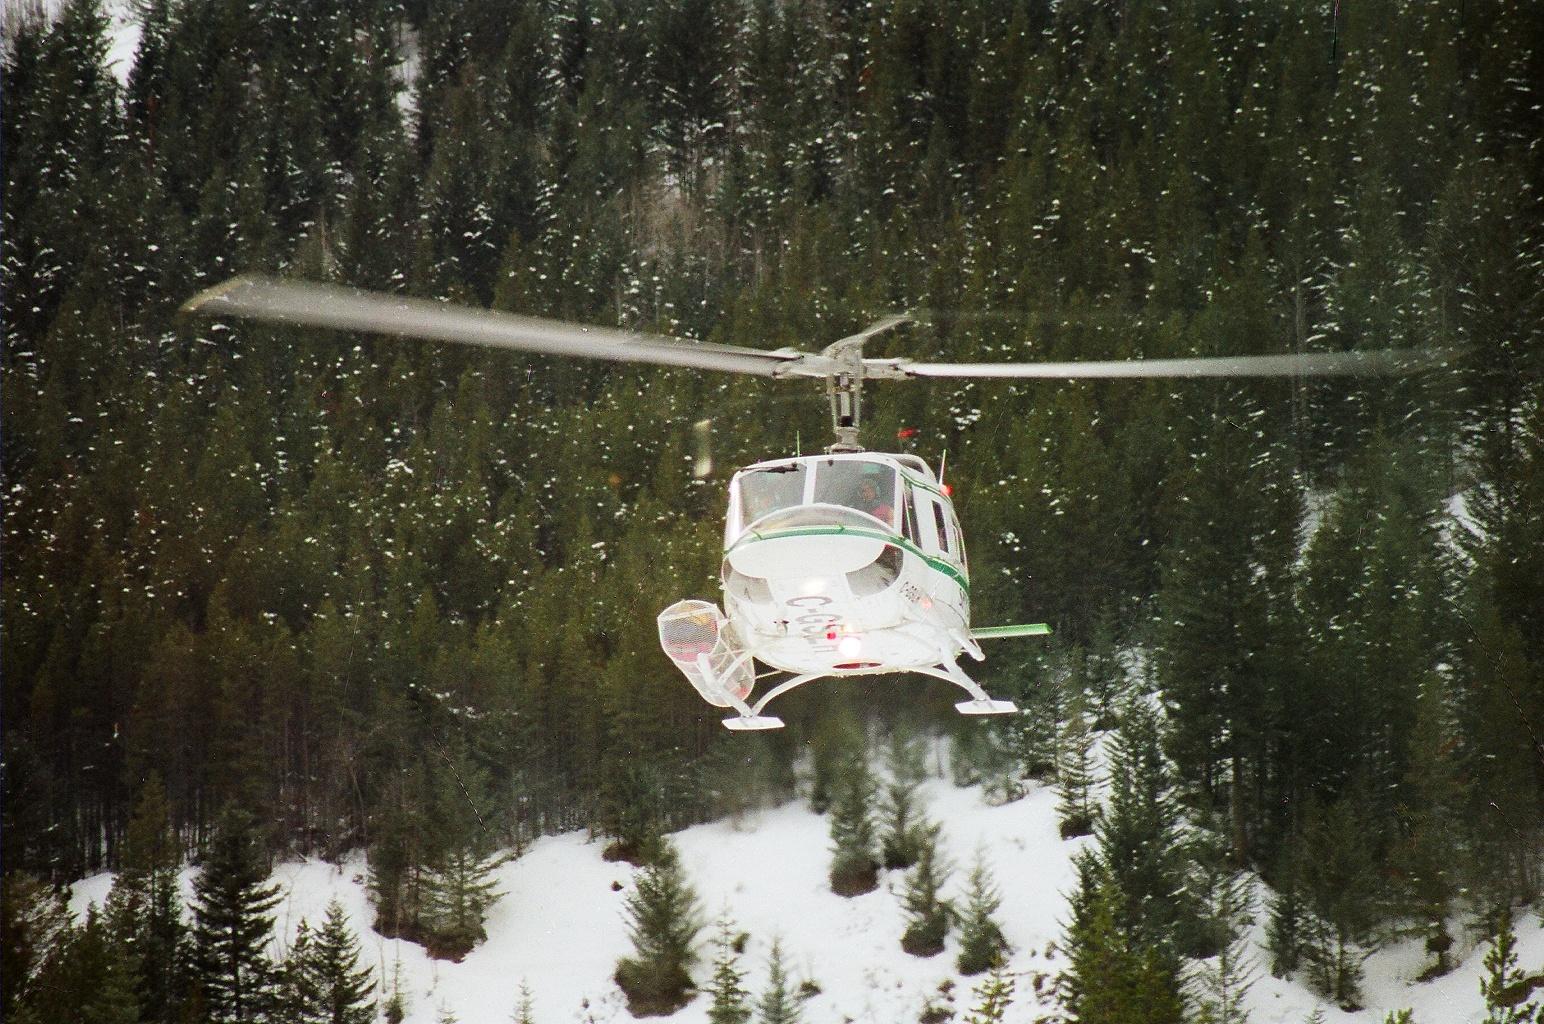 Hubschrauber in Canada